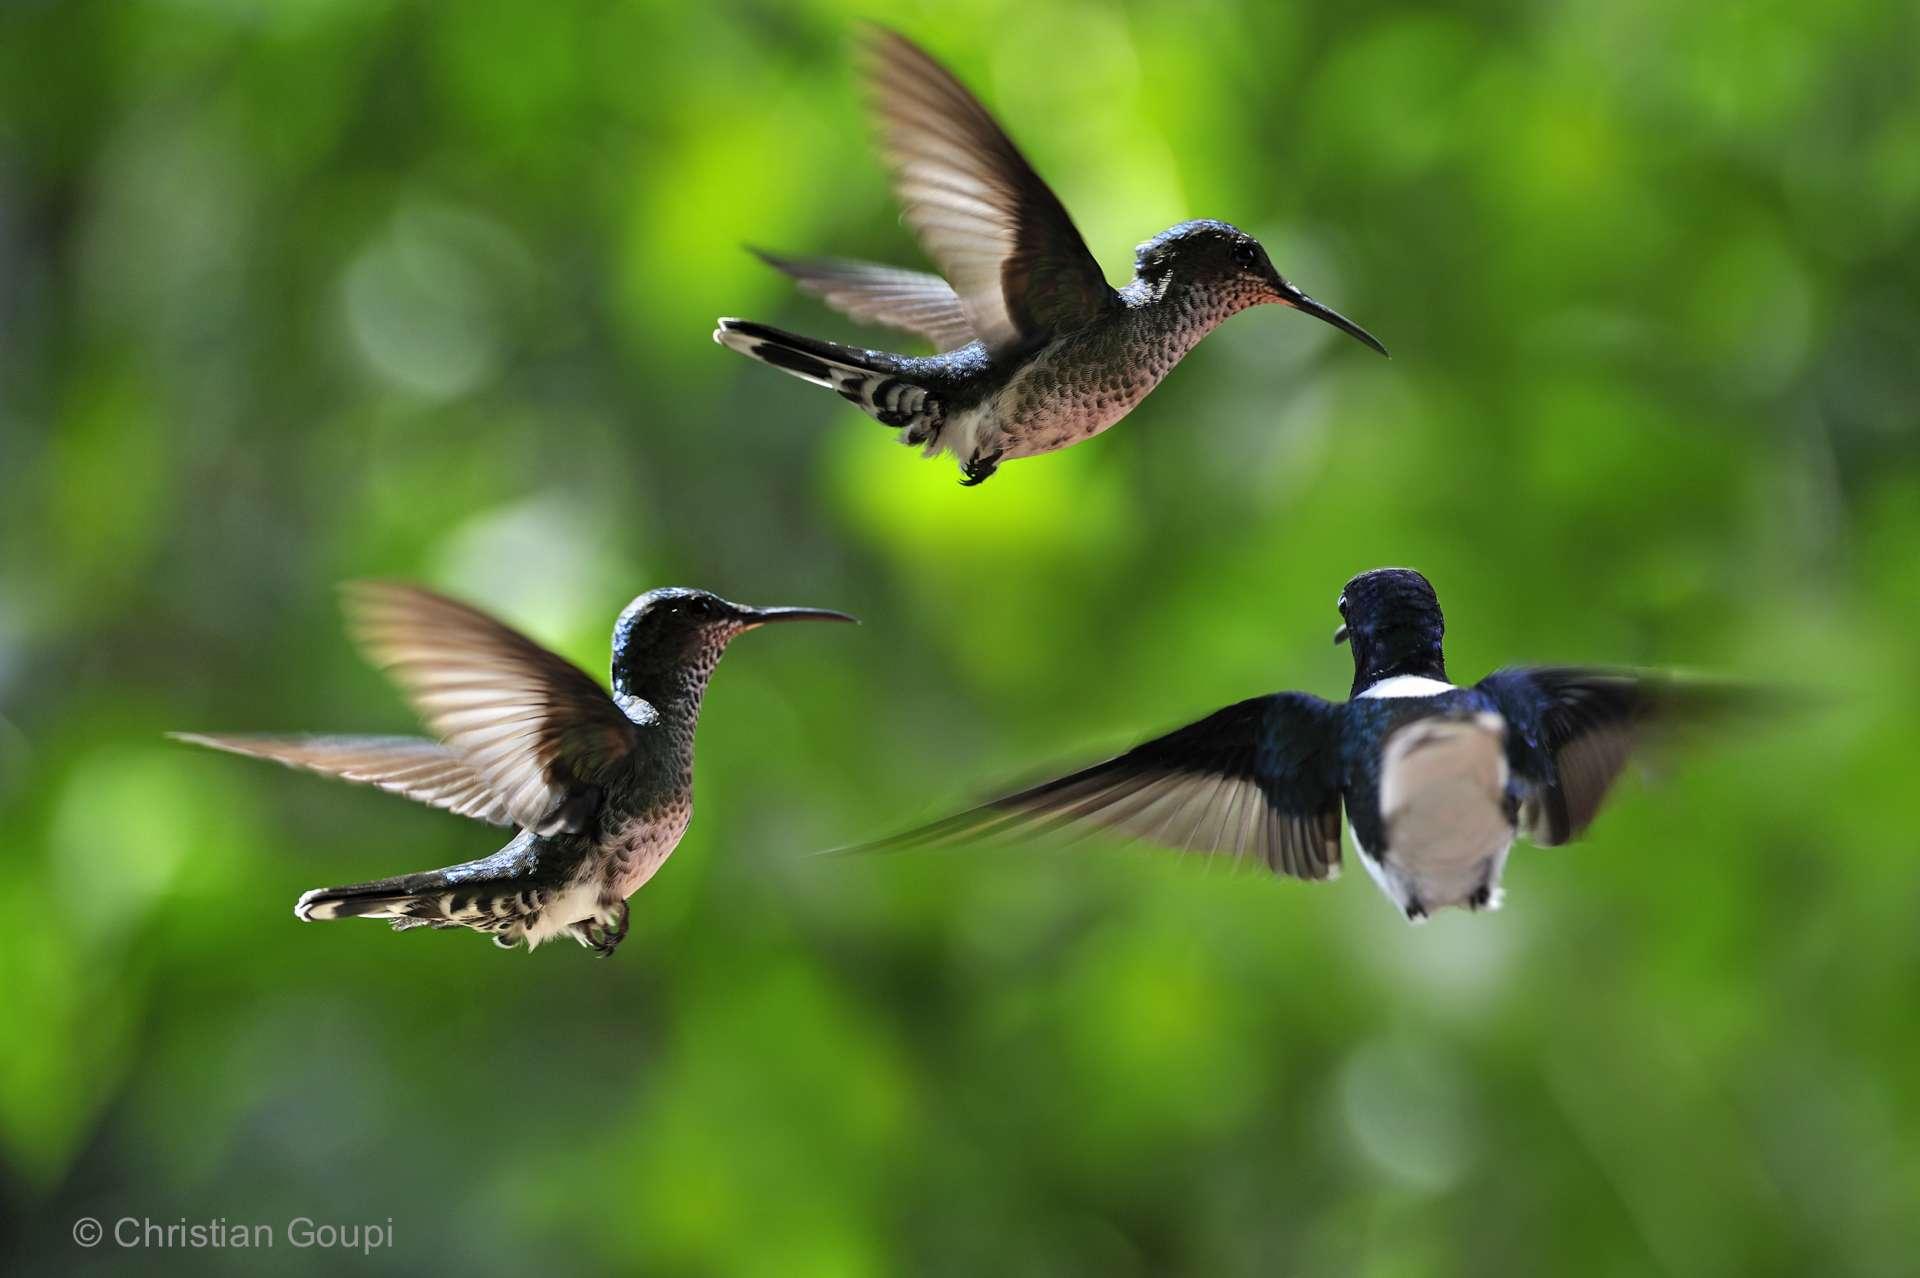 Panama - Vol de colibris jacobin (florisuga mellivora) au parc national de Soberaina. Ces oiseaux nectarivores pèsent environ 6 grammes pièce.